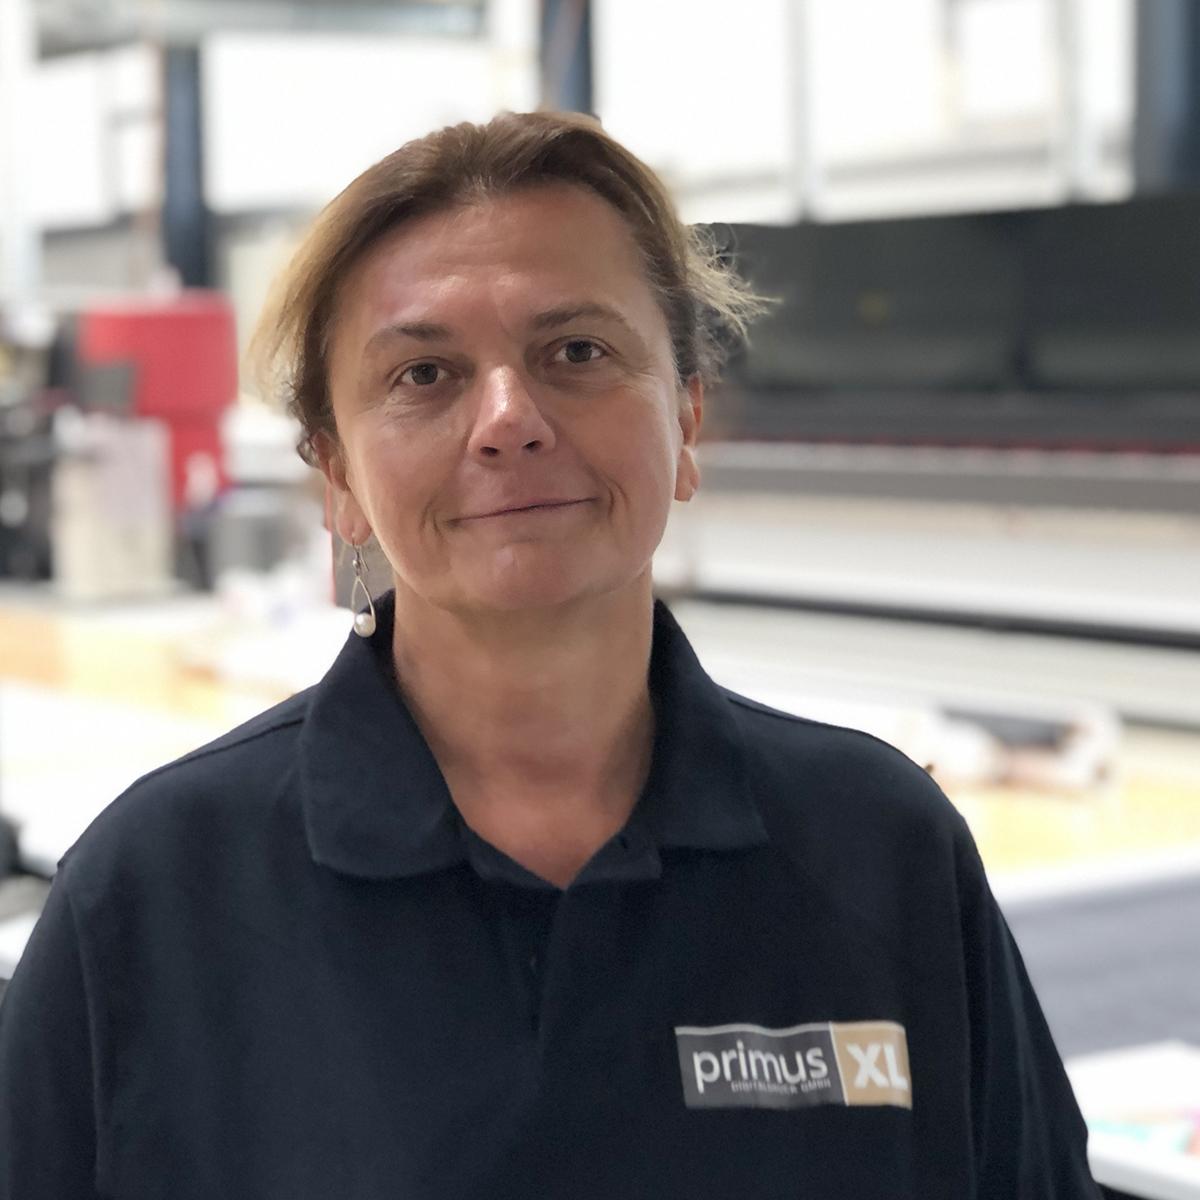 Annett Ehrcke - Primus XL Digitaldruck GmbH